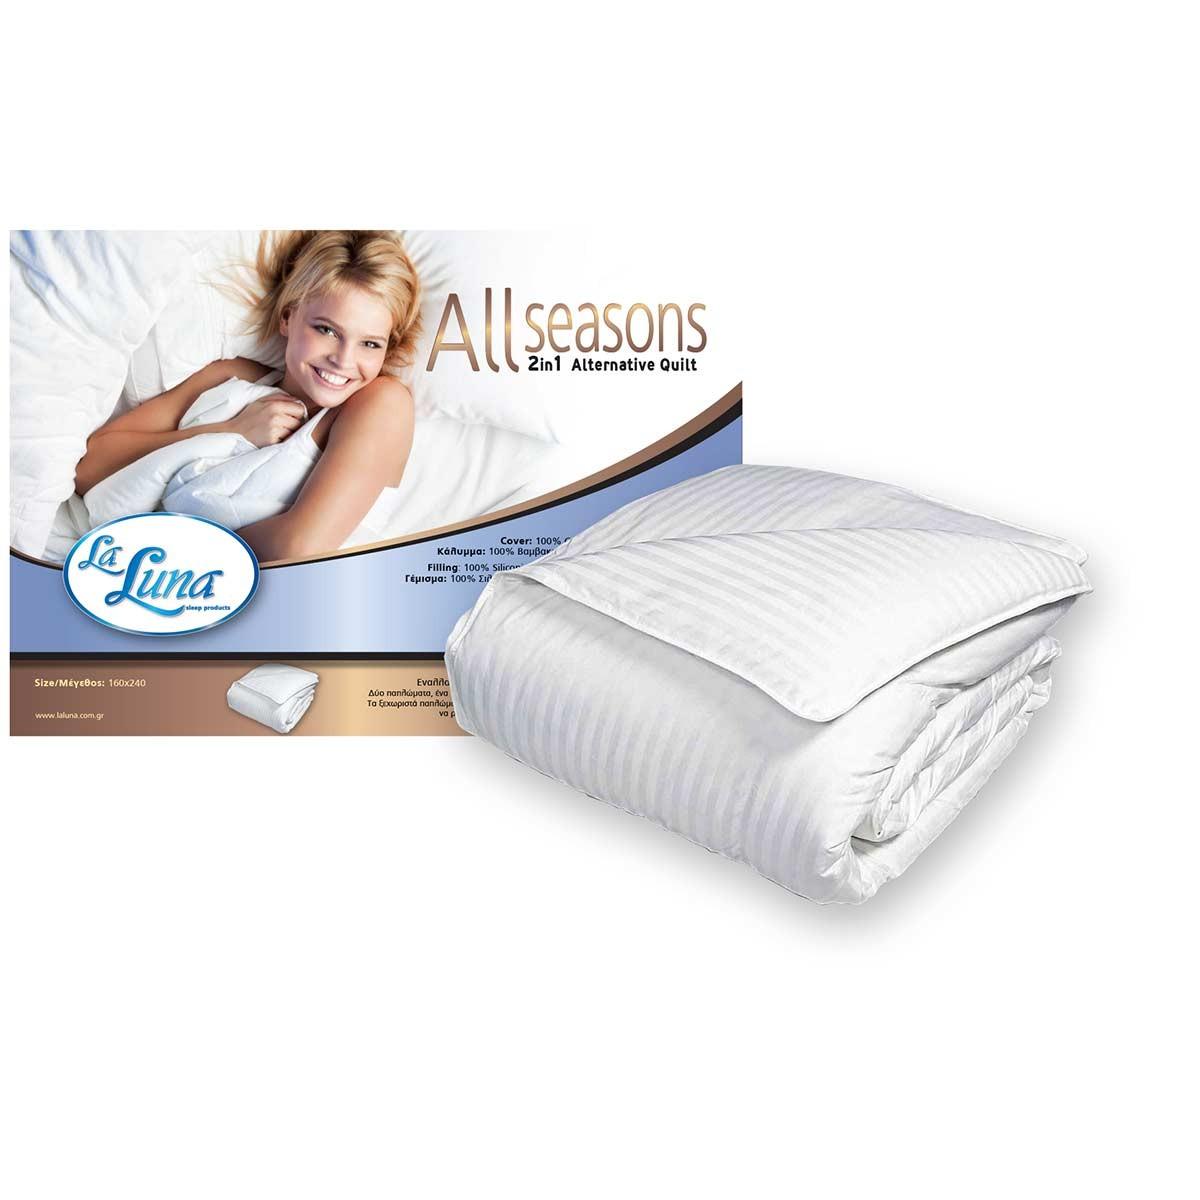 Πάπλωμα Μονό 4 Εποχών La Luna All Season Quilt home   κρεβατοκάμαρα   παπλώματα   παπλώματα λευκά